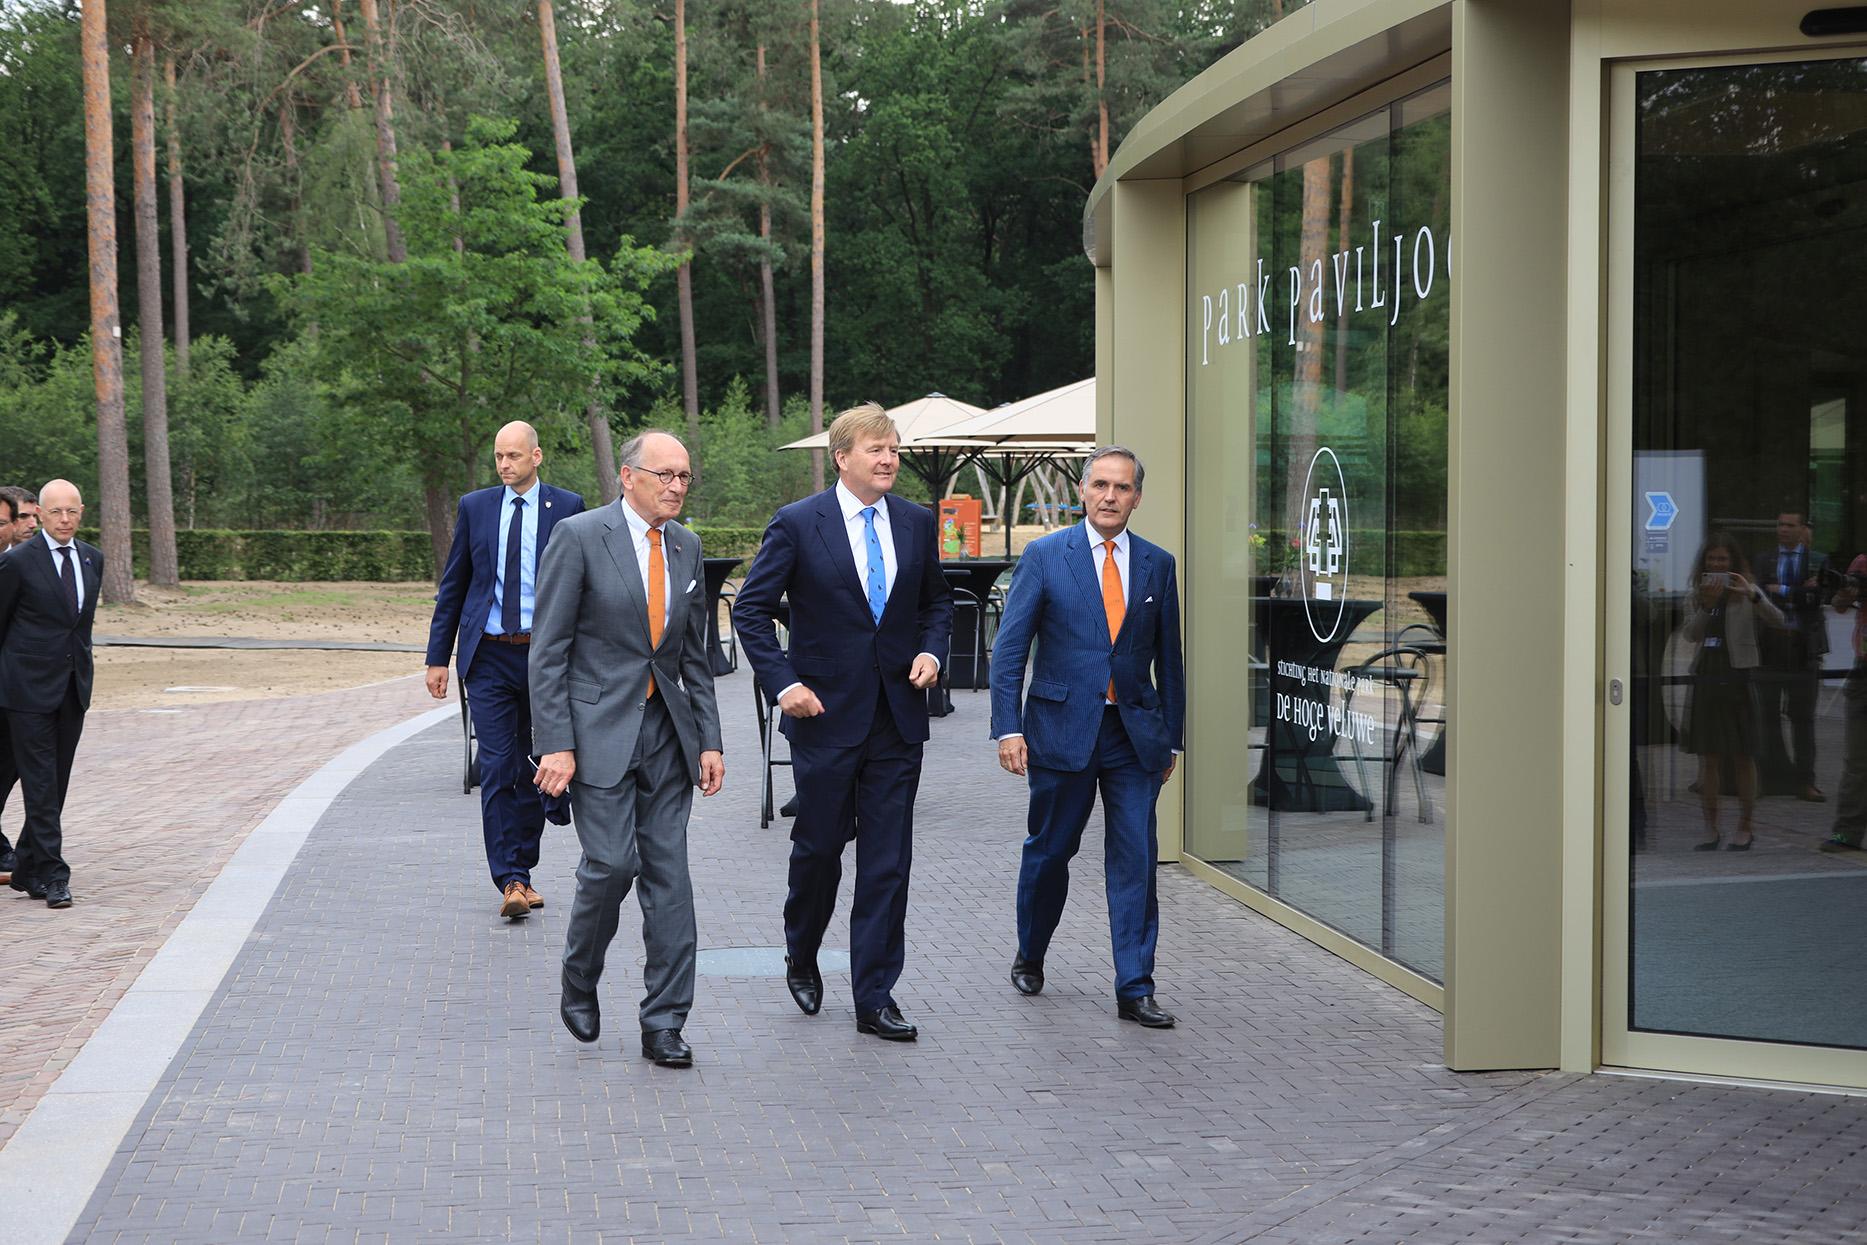 De Koning, geflankeerd door onder meer gastheer Seger van Voorst tot Voorst, directeur/bestuurder van Het Nationale Park De Hoge Veluwe, als eerste het nieuwe publieksgebouw binnen - Foto: ©NP De Hoge Veluwe